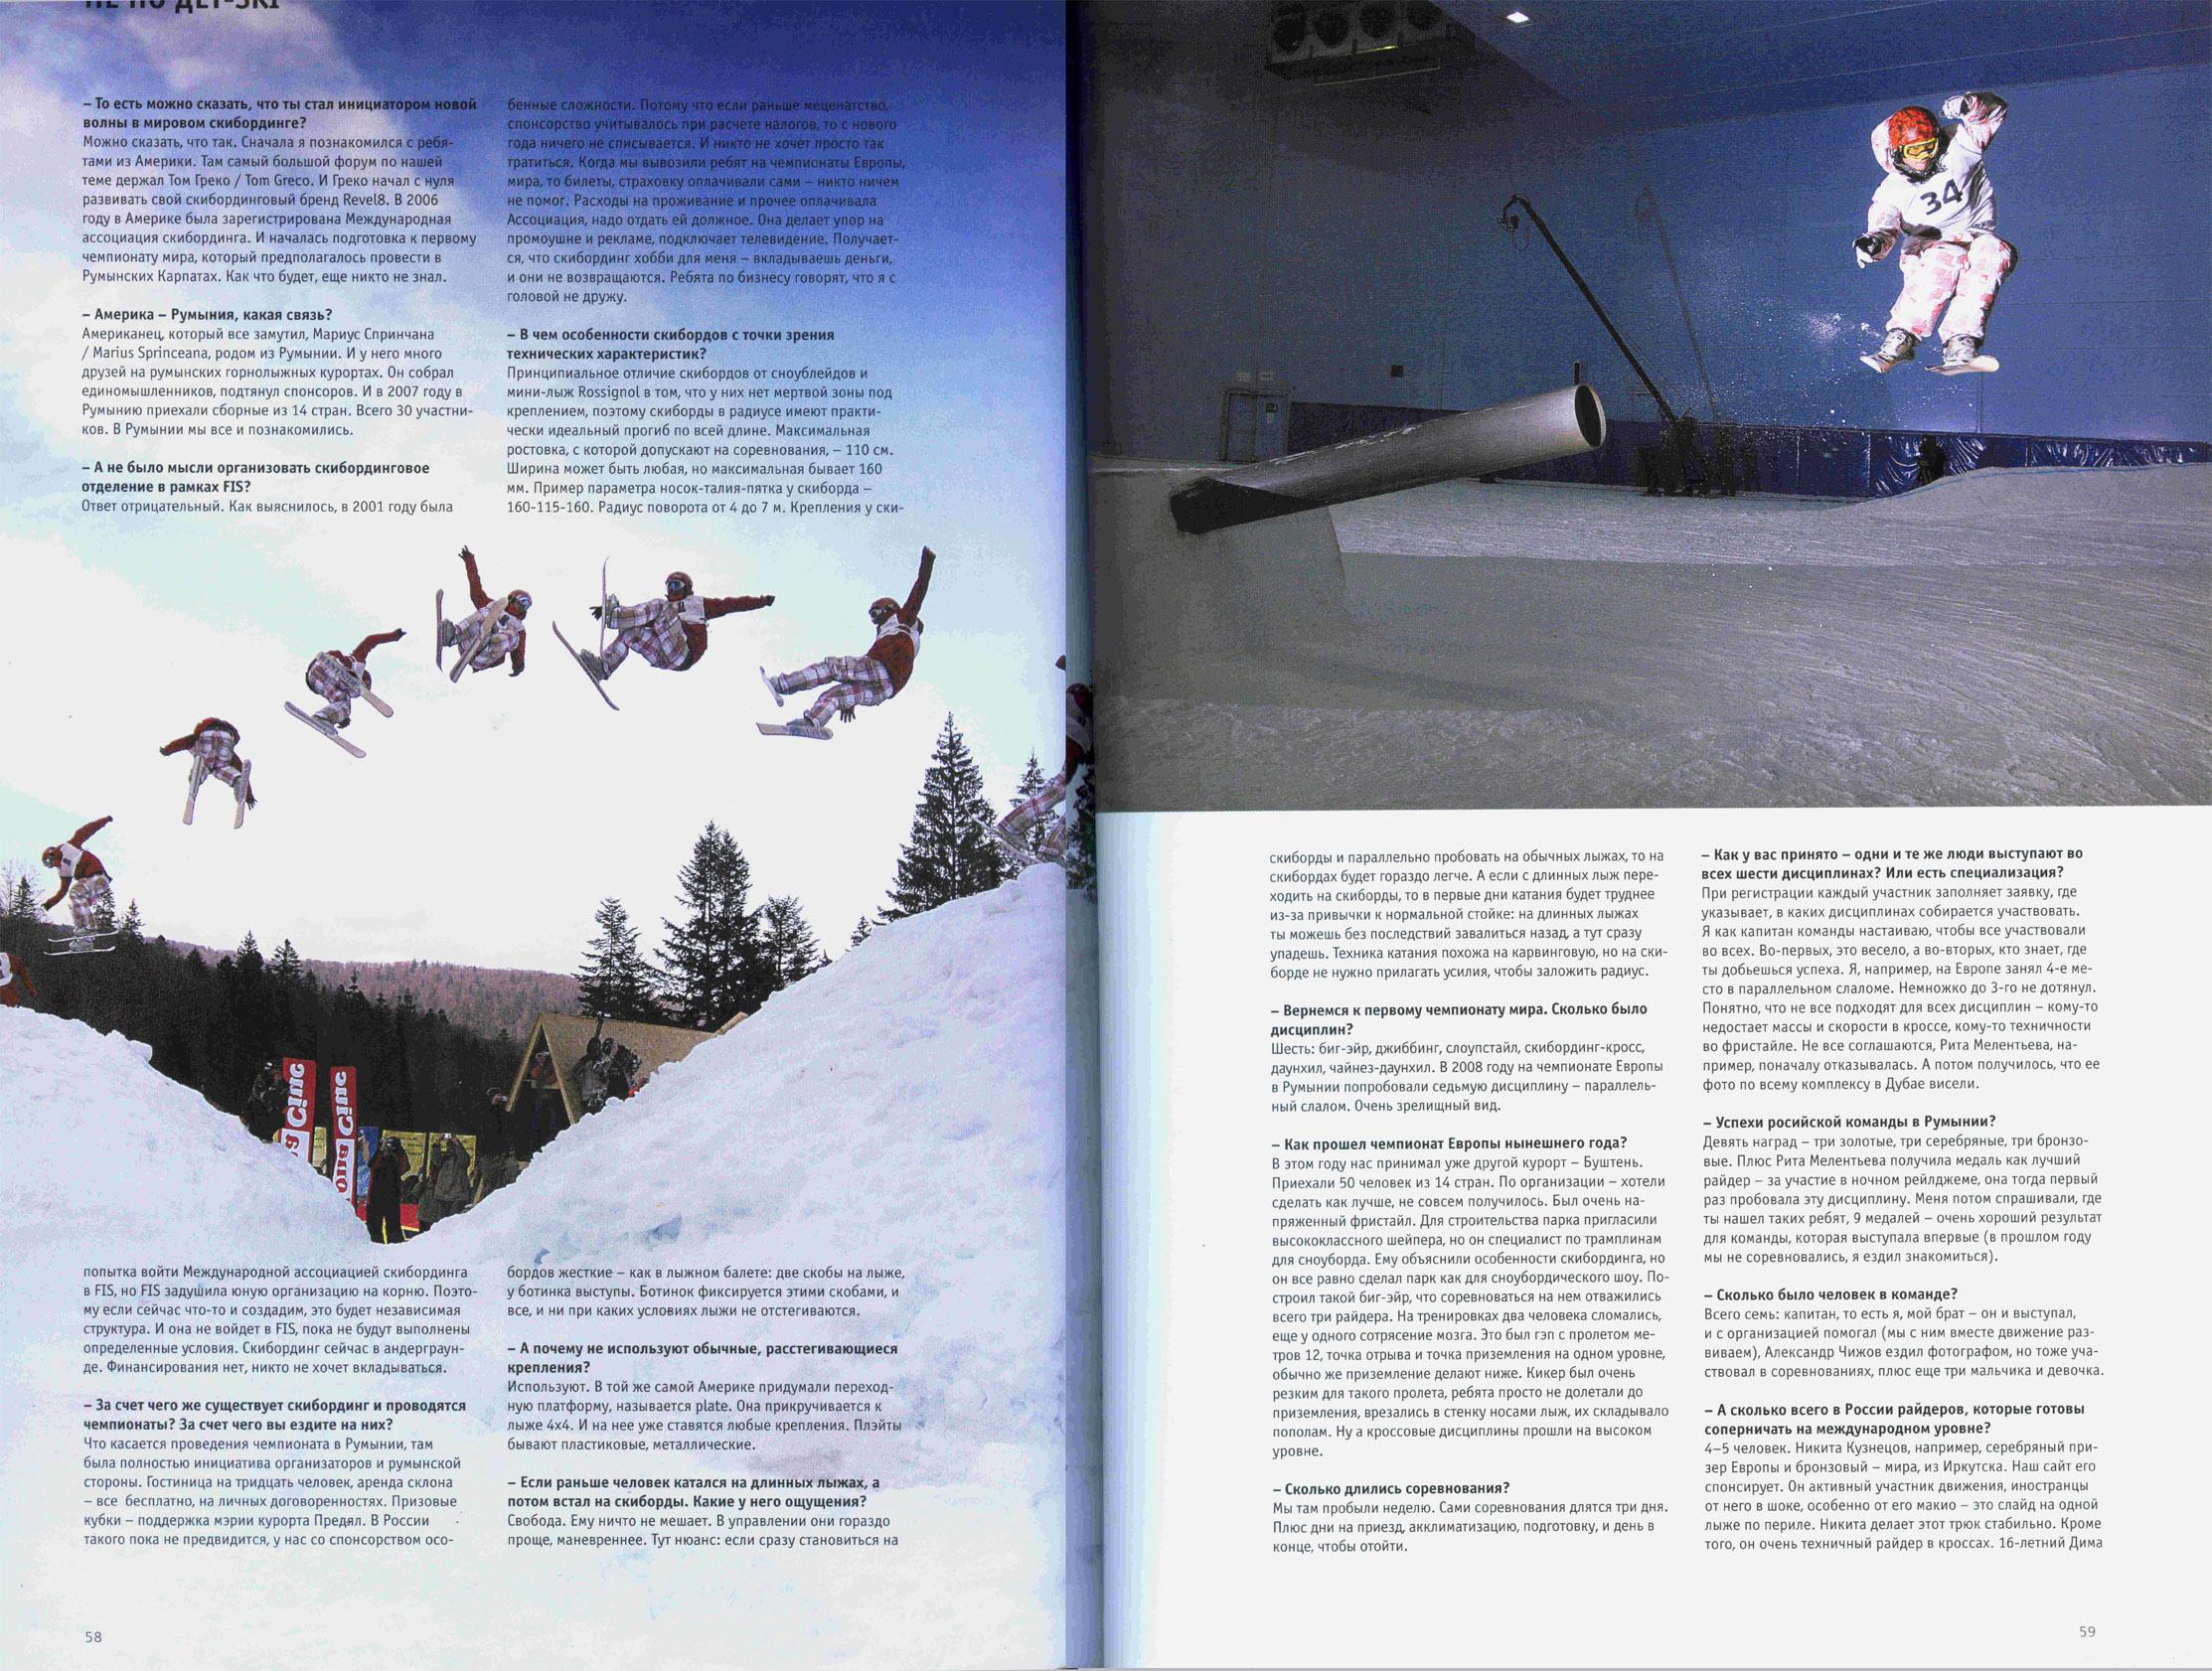 Третья и Четвертая полосы в журнале Ski Style